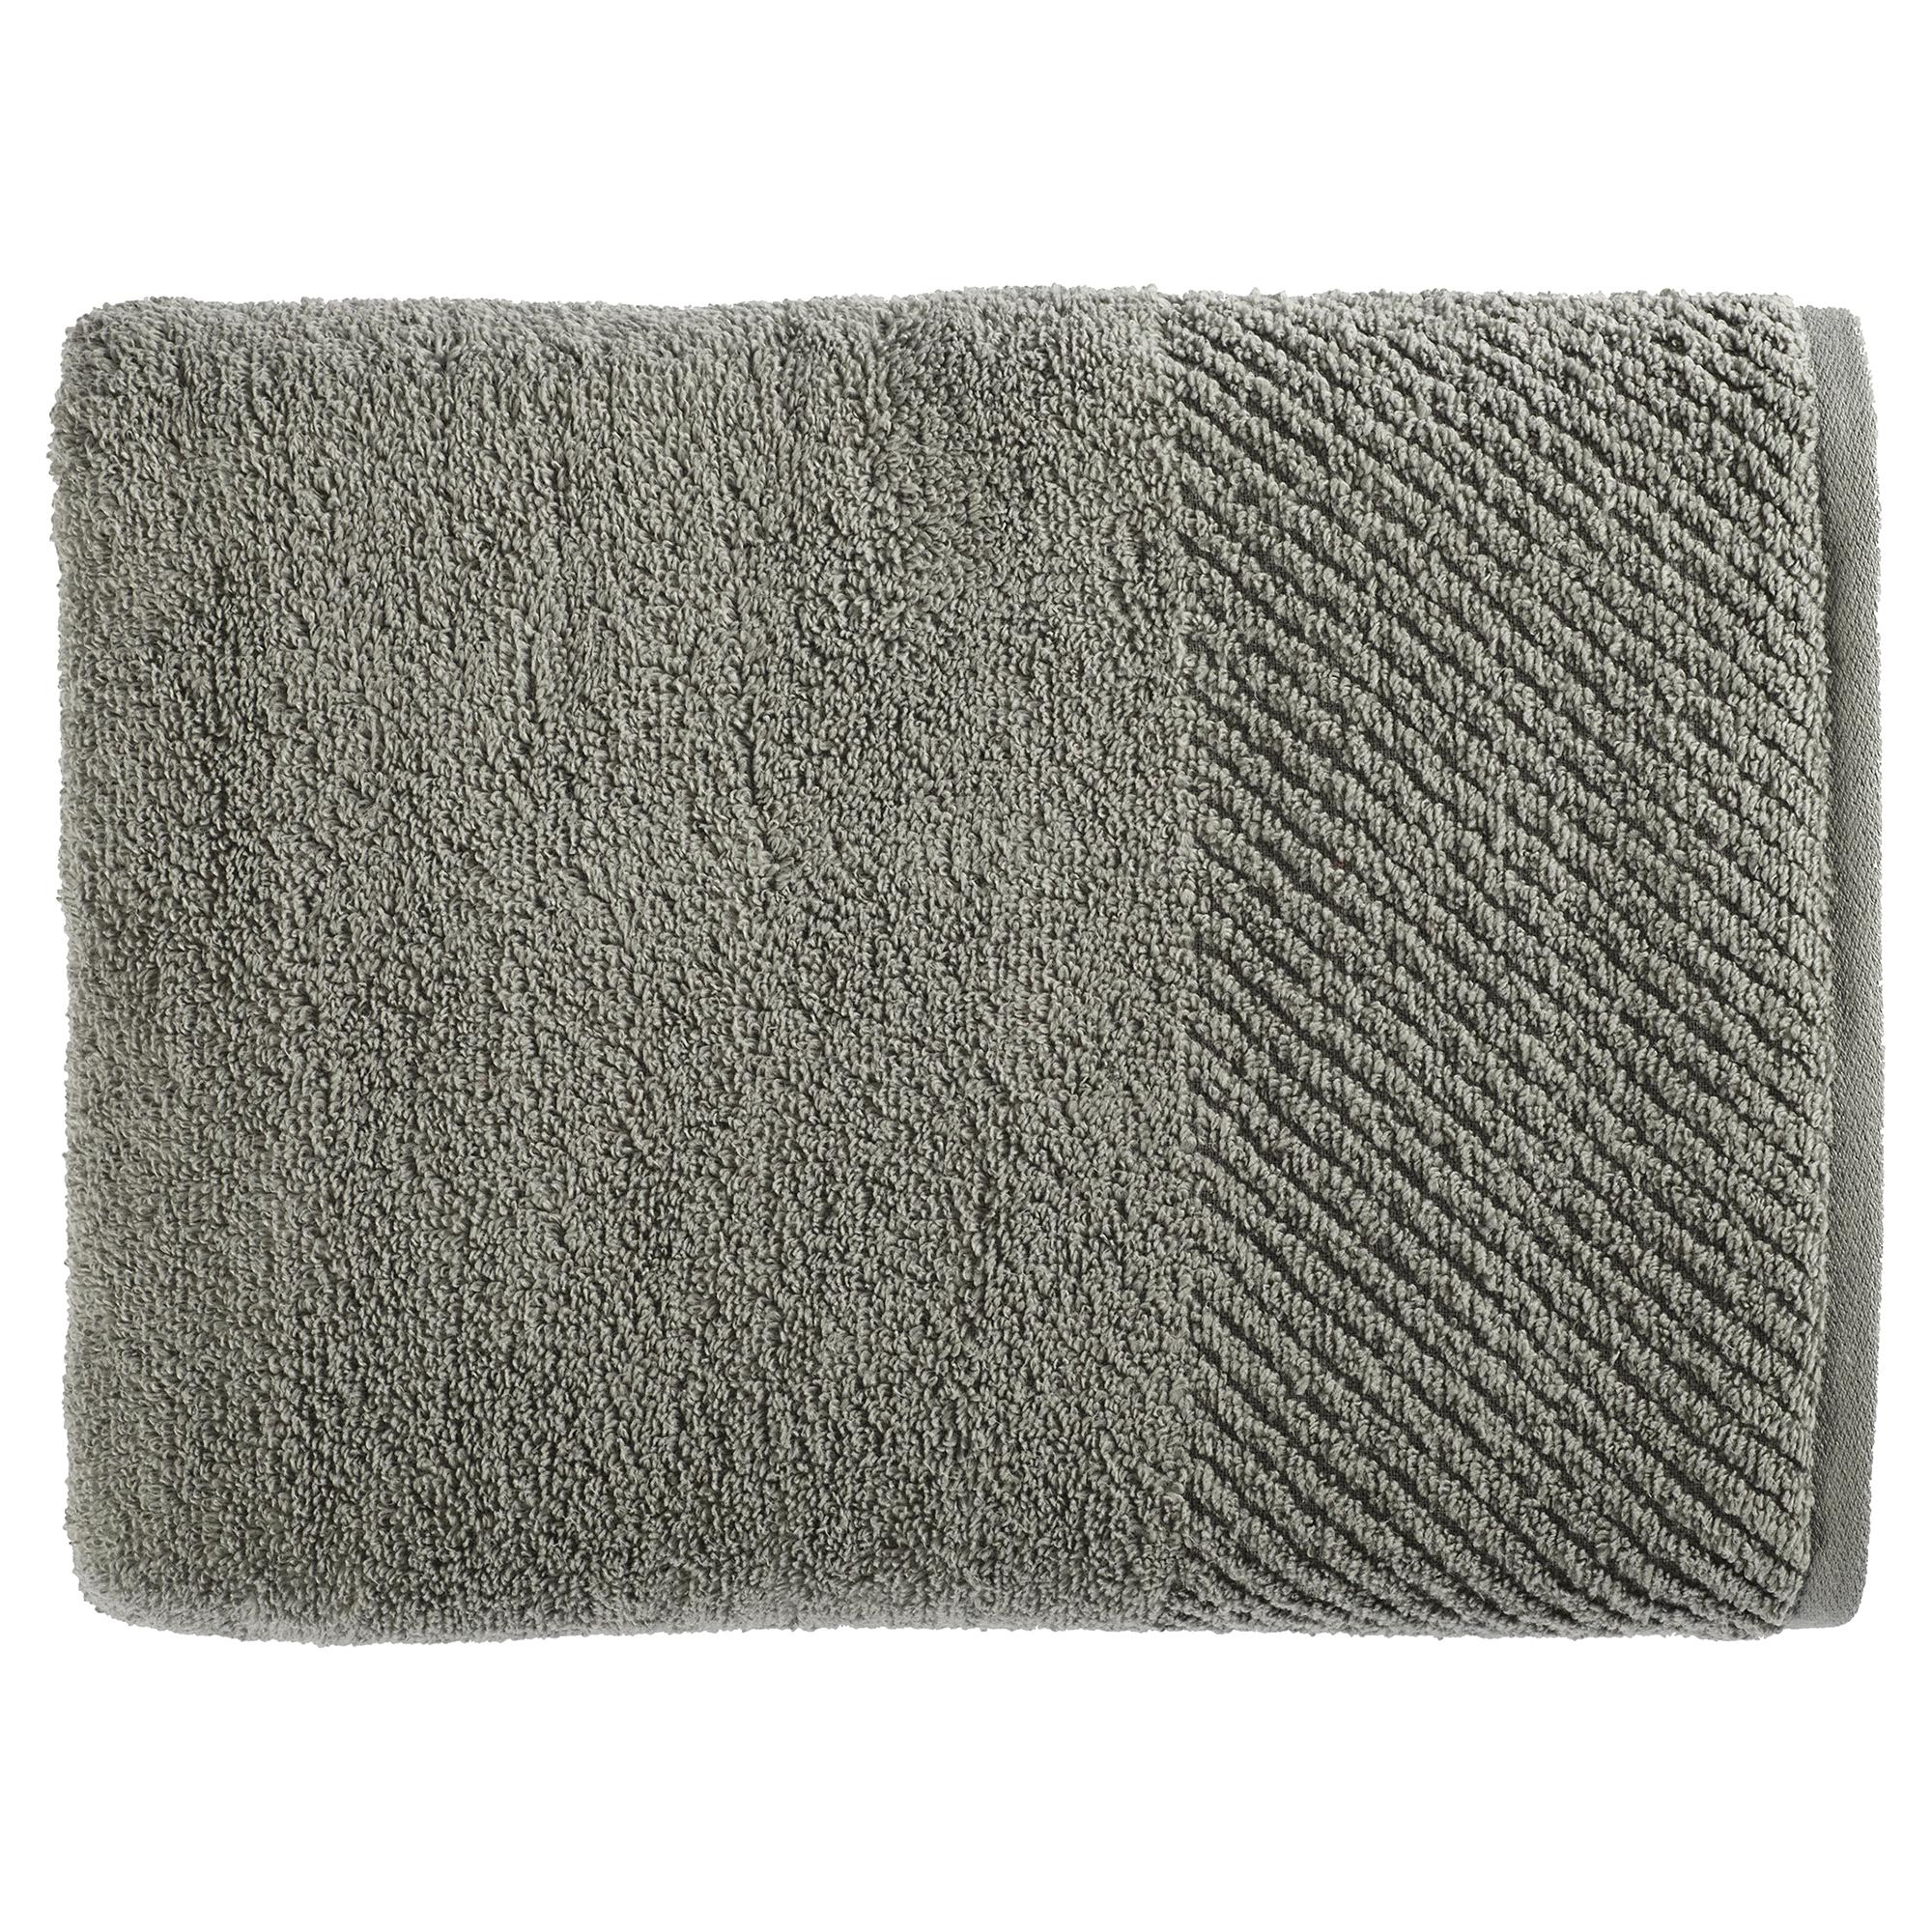 bath linens | meijer